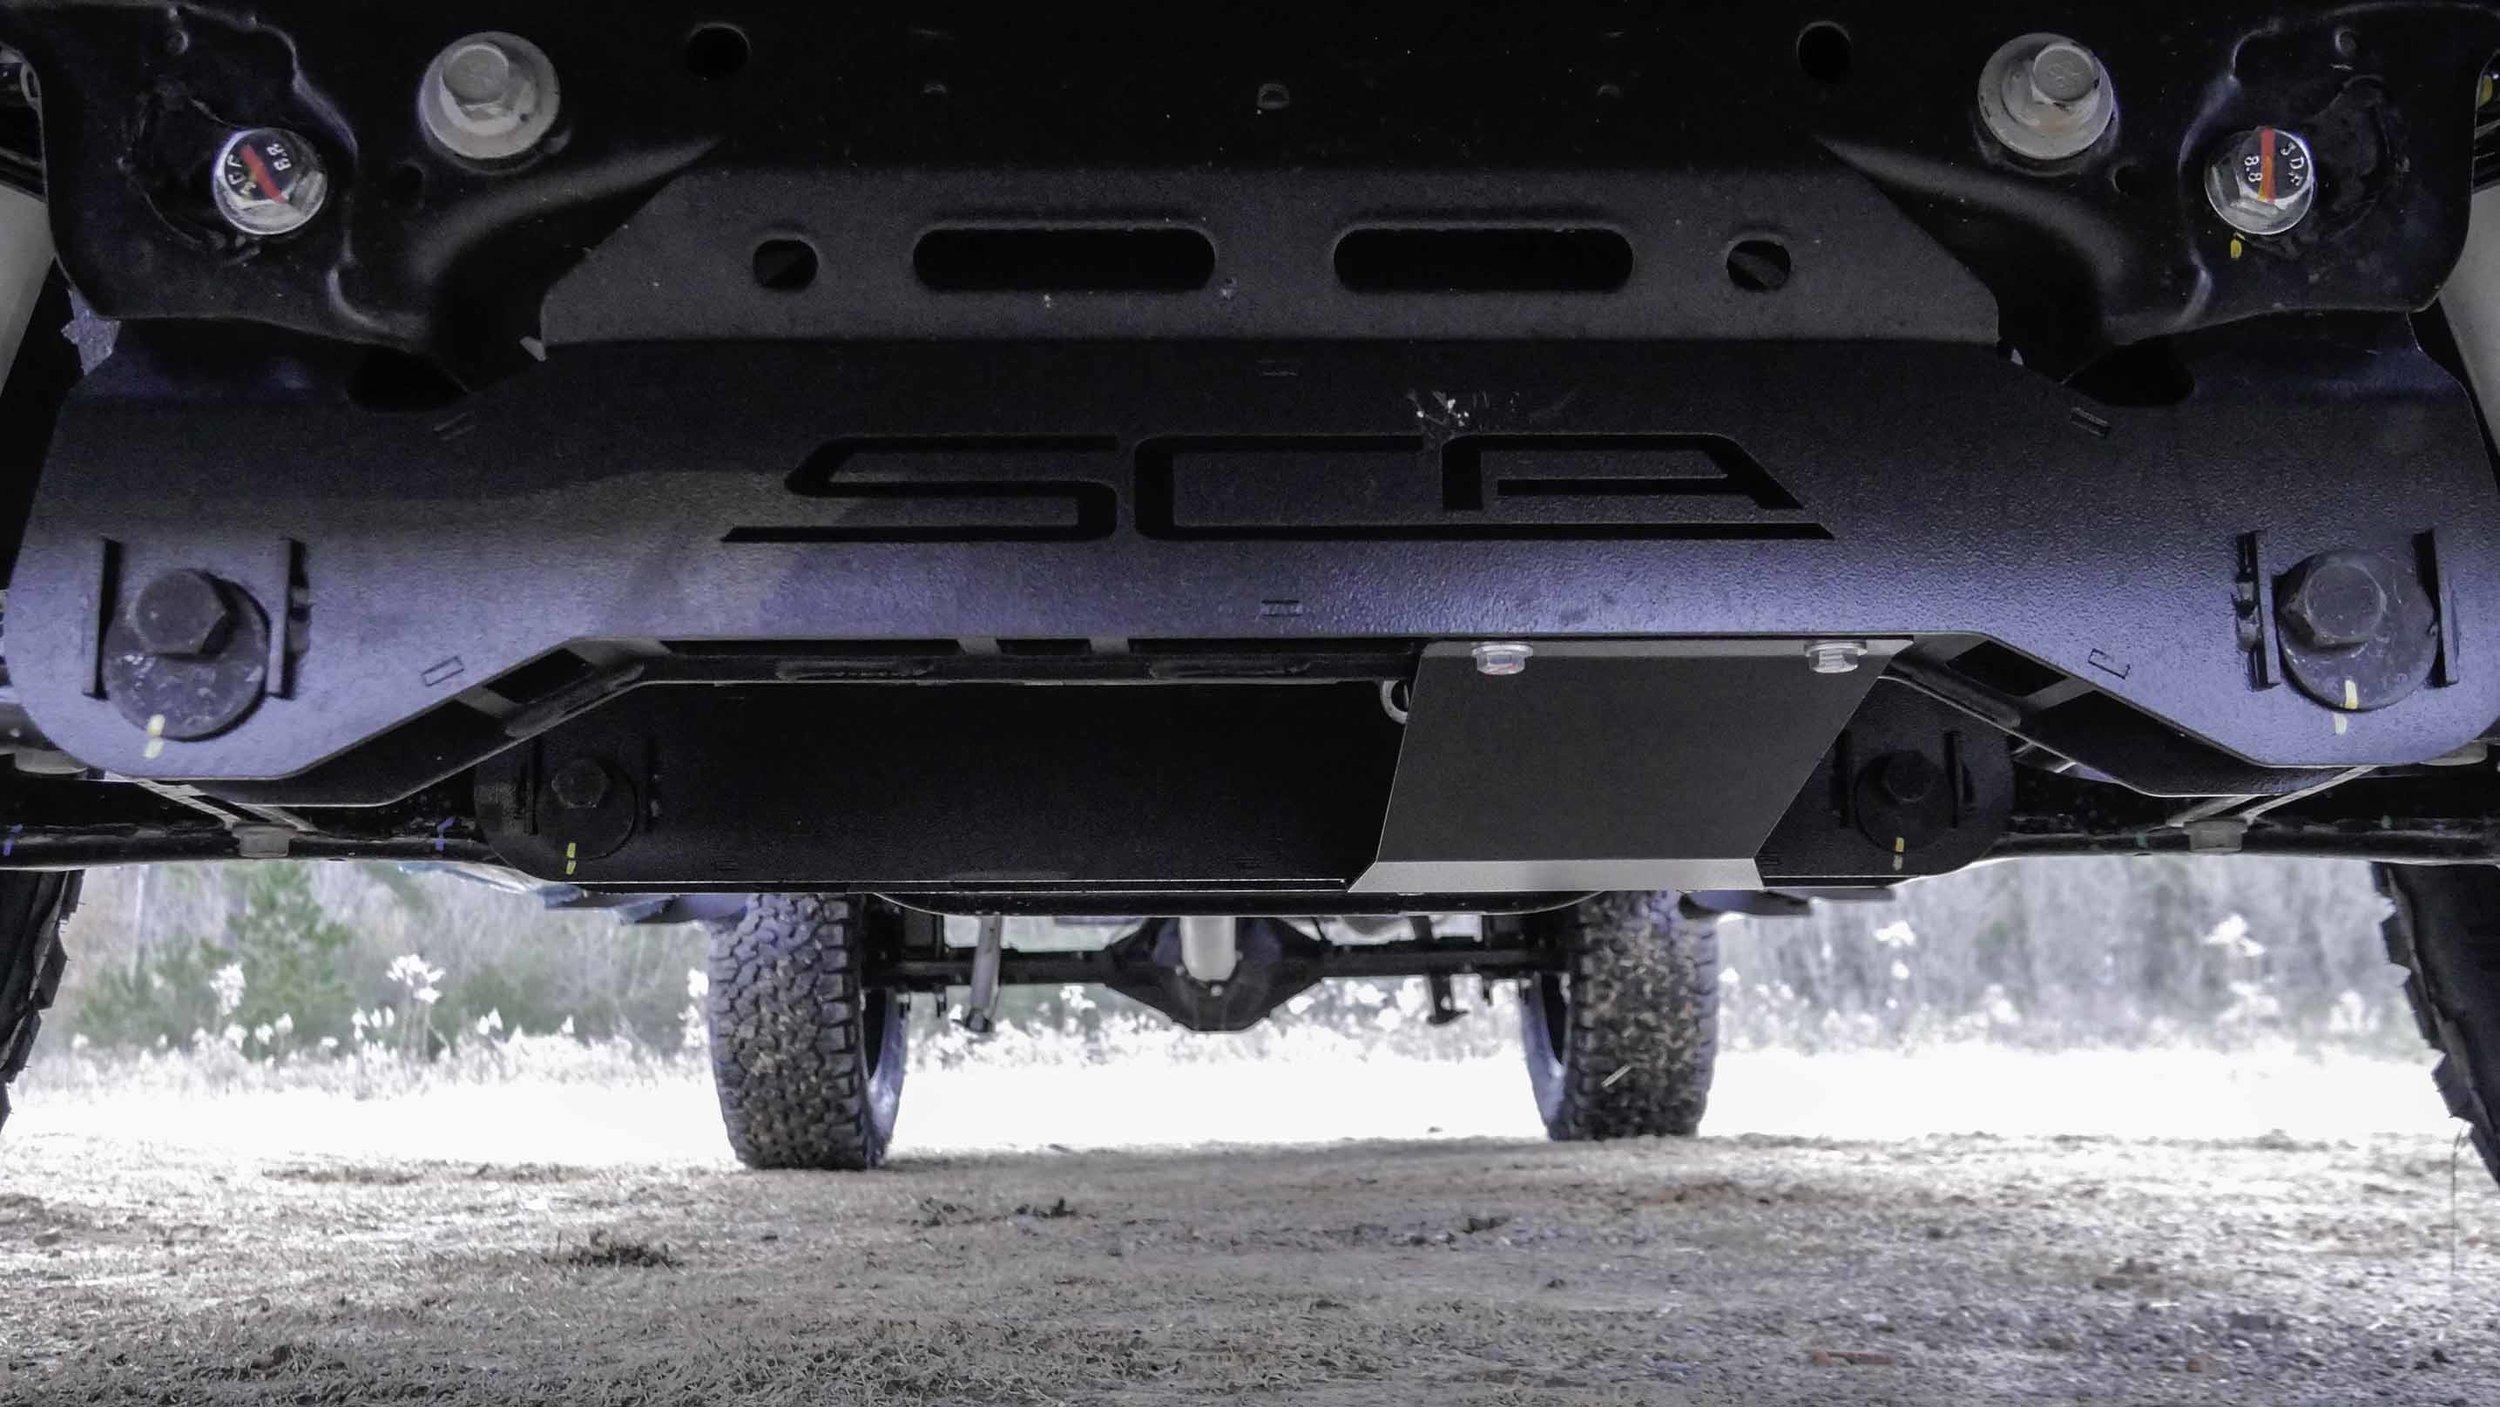 2019 Chevy Black Widow Suspension.jpg